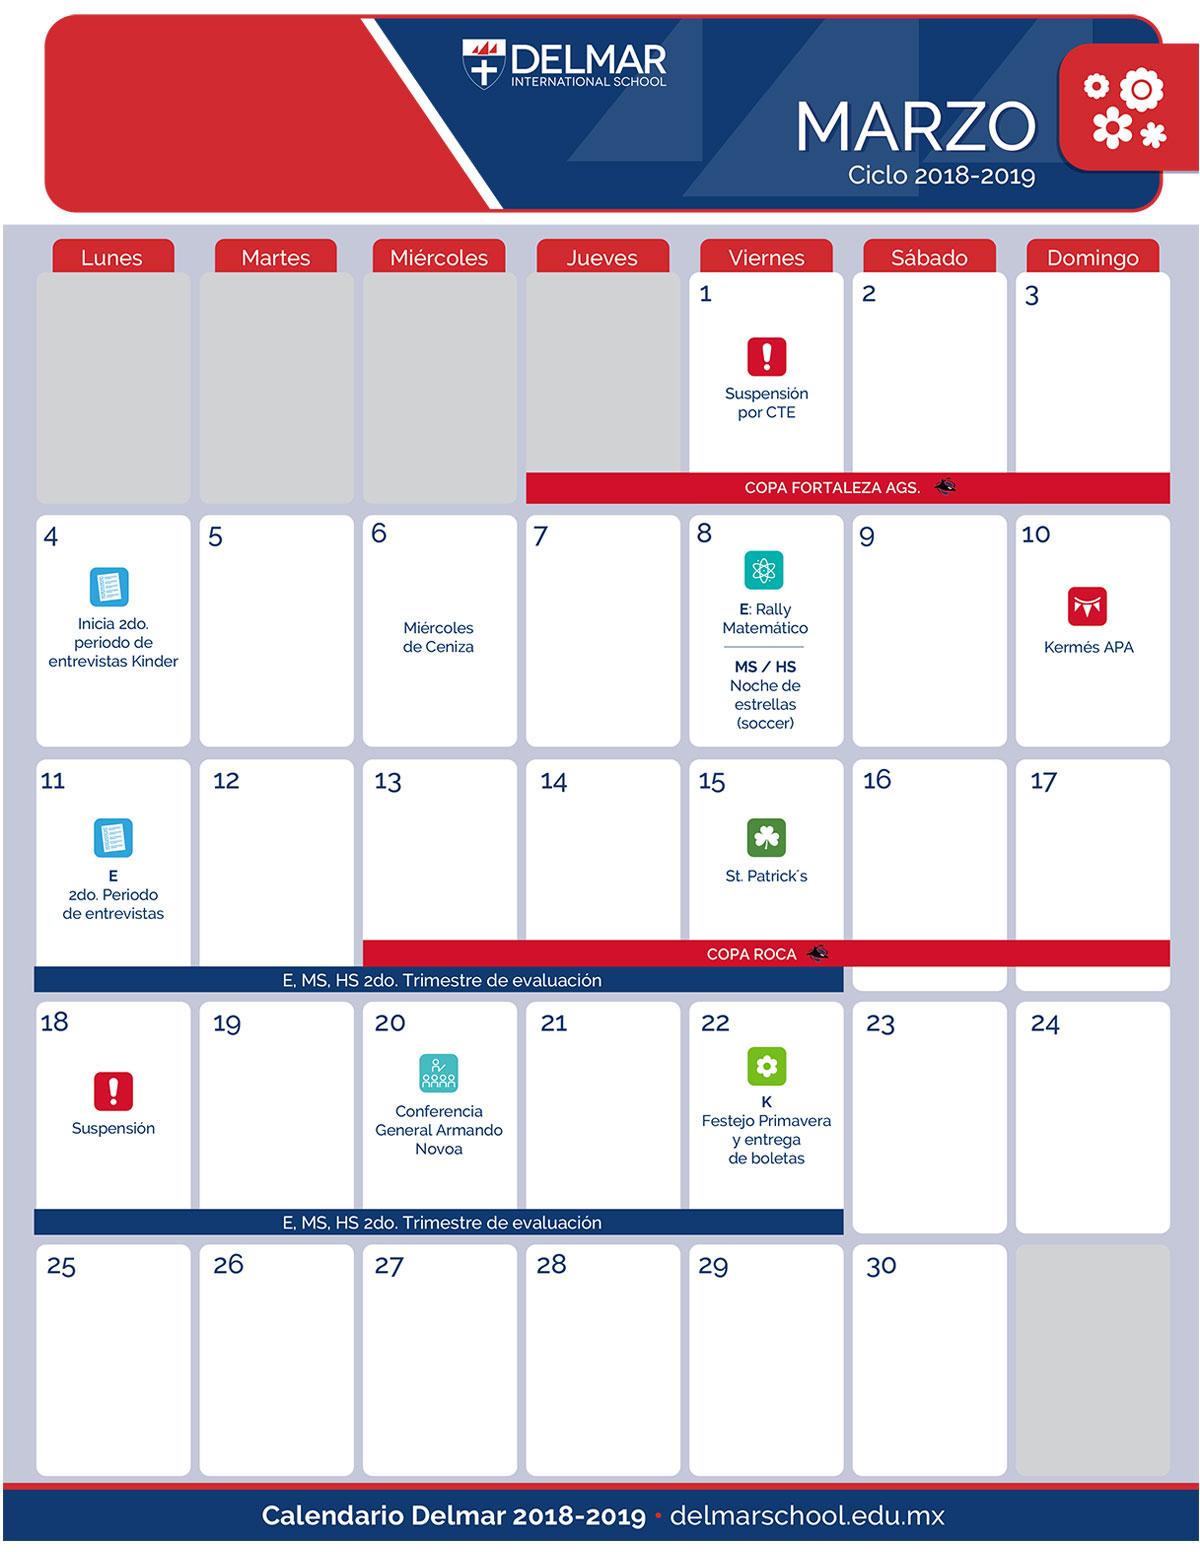 03-2 Calendario Delmar School